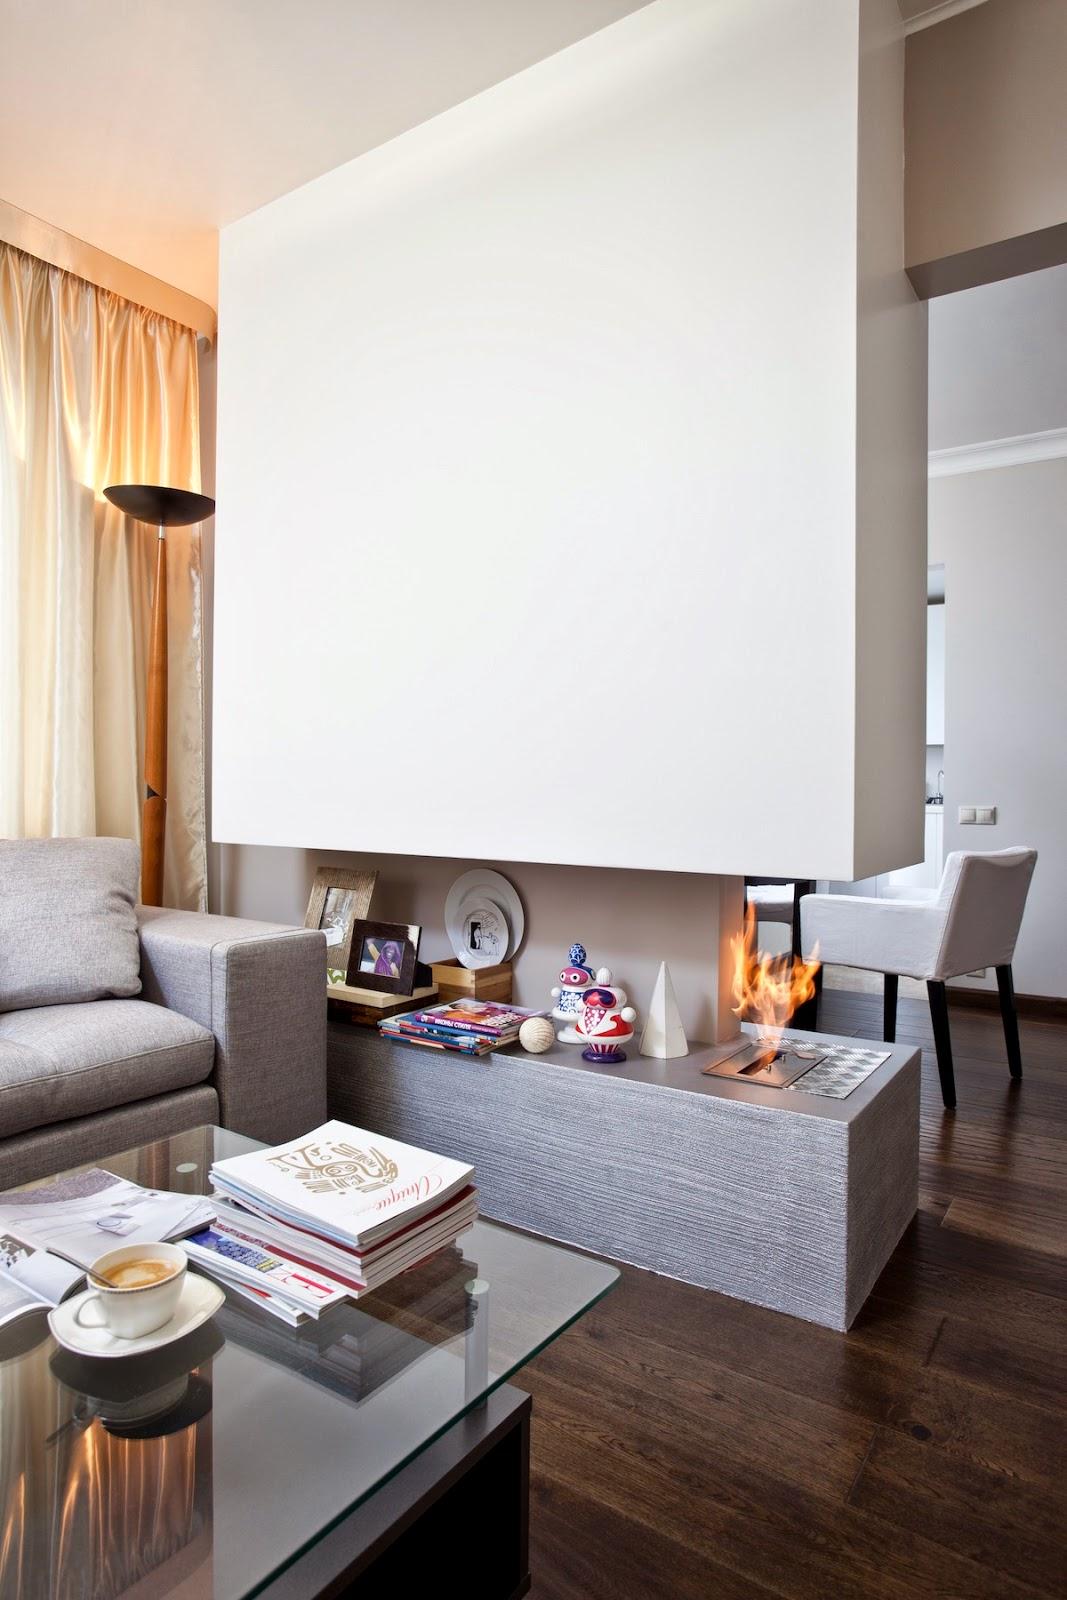 prekrasen-apartament-proektiran-za-biznes-dama-v-rusiq-3g